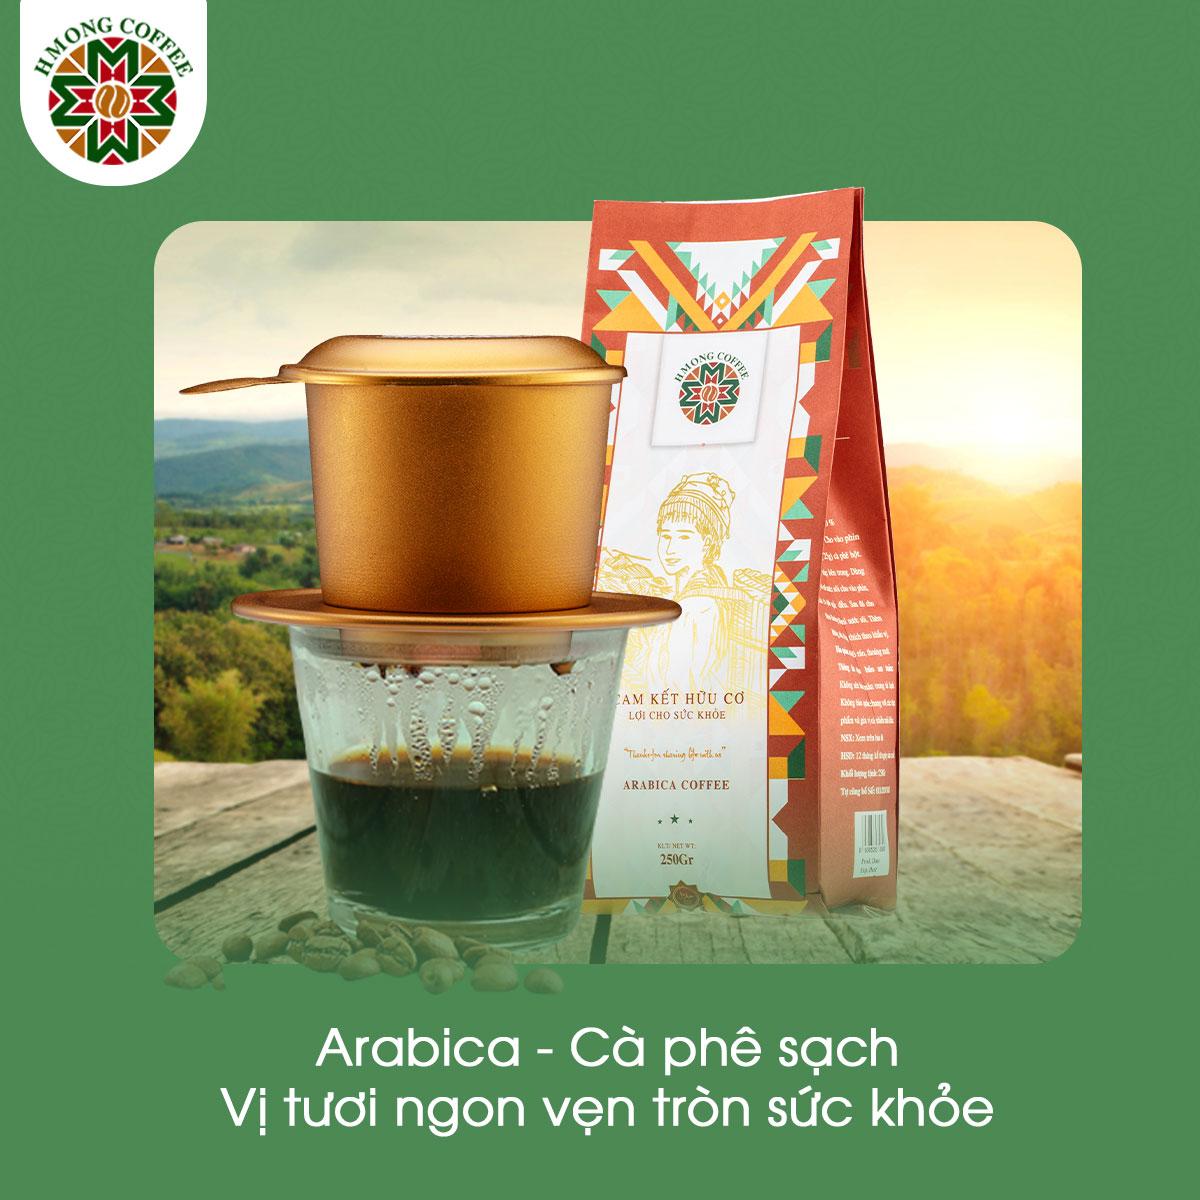 Cà phê Arabica - mang đến nhiều giá trị cho sức khỏe